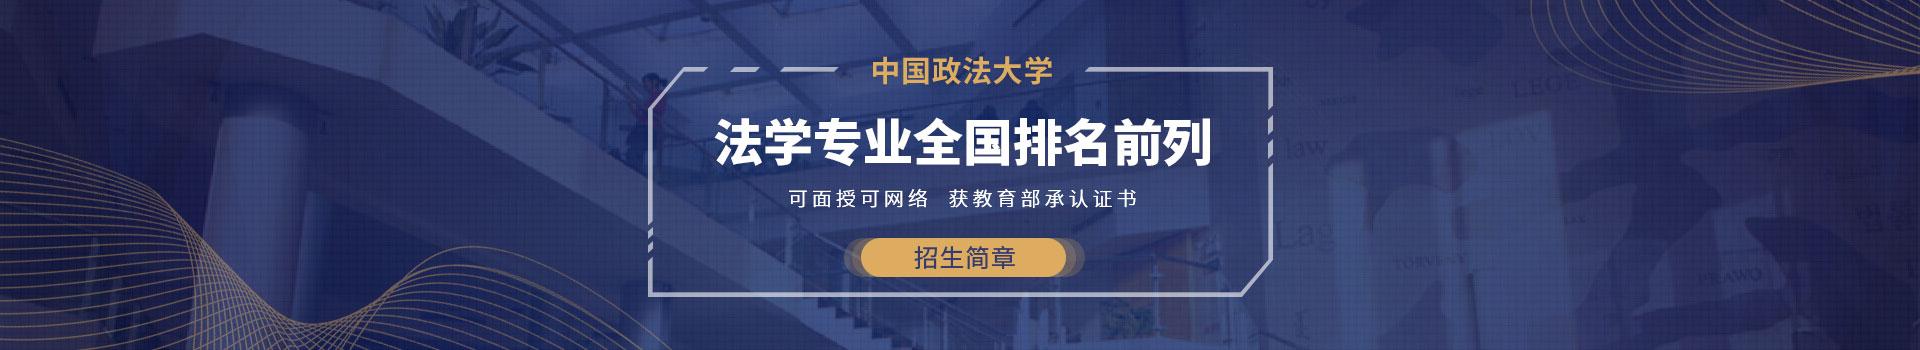 中国政法大学在职研究生经济法专业招生简章